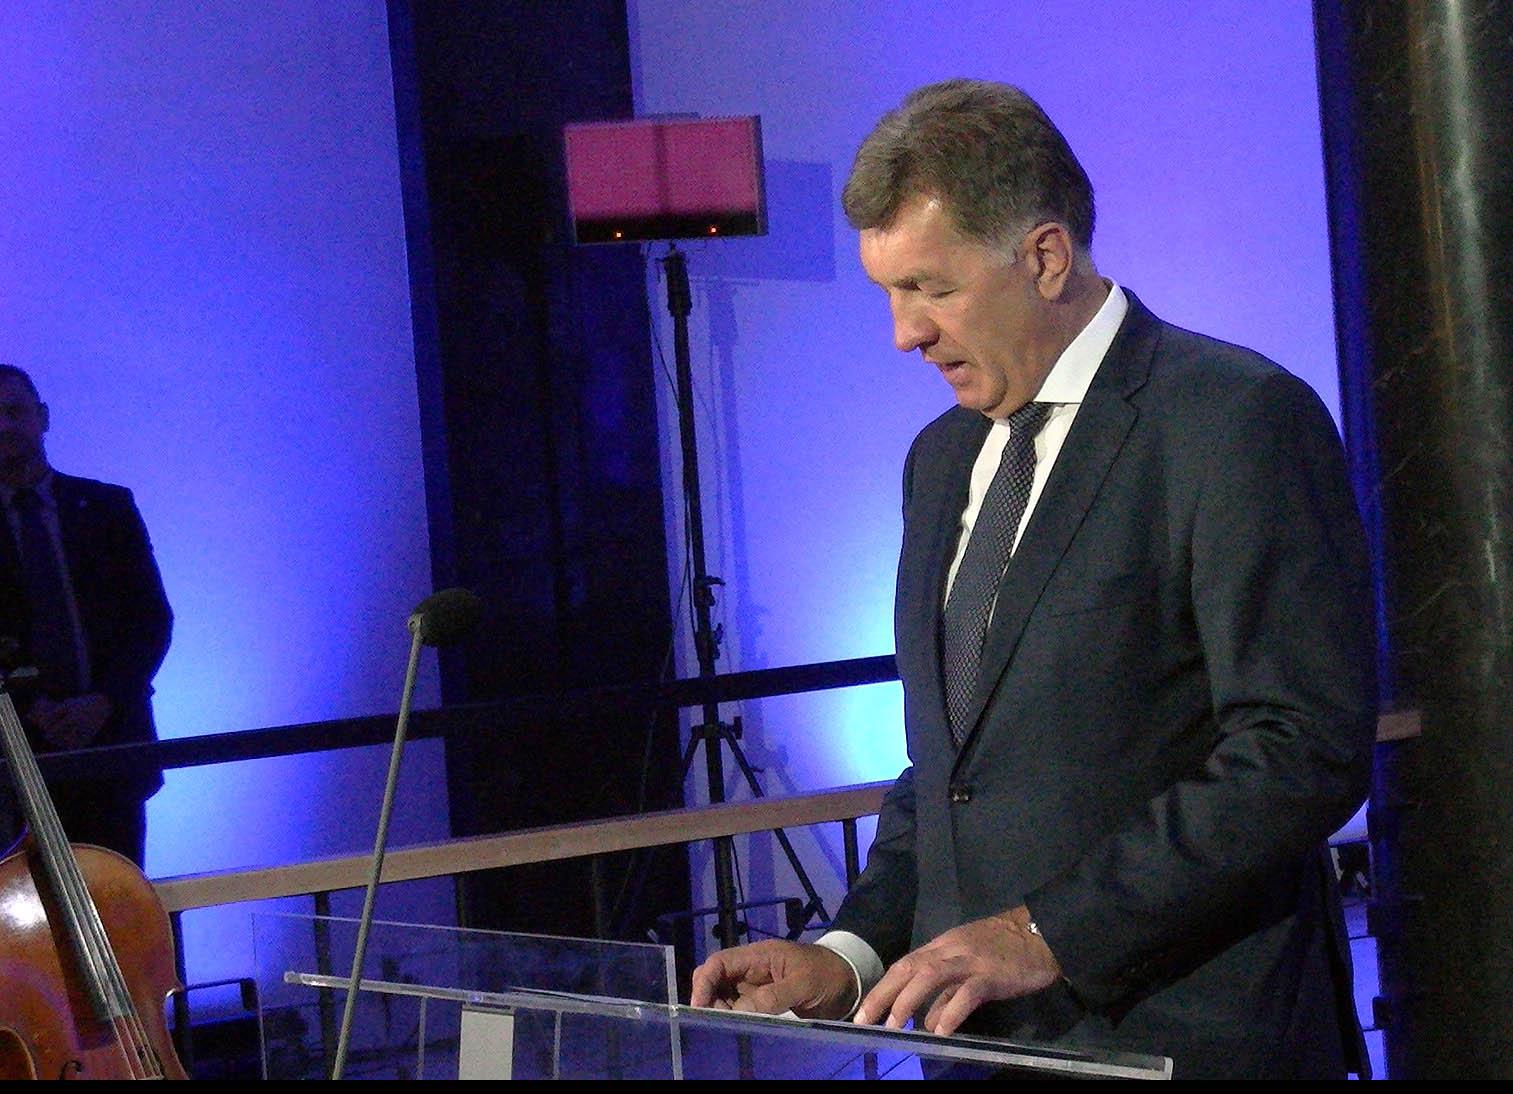 Sveikina Lietuvos Respublikos Ministras Pirmininkas |Alkas.lt, A. Sartanavičiaus nuotr.